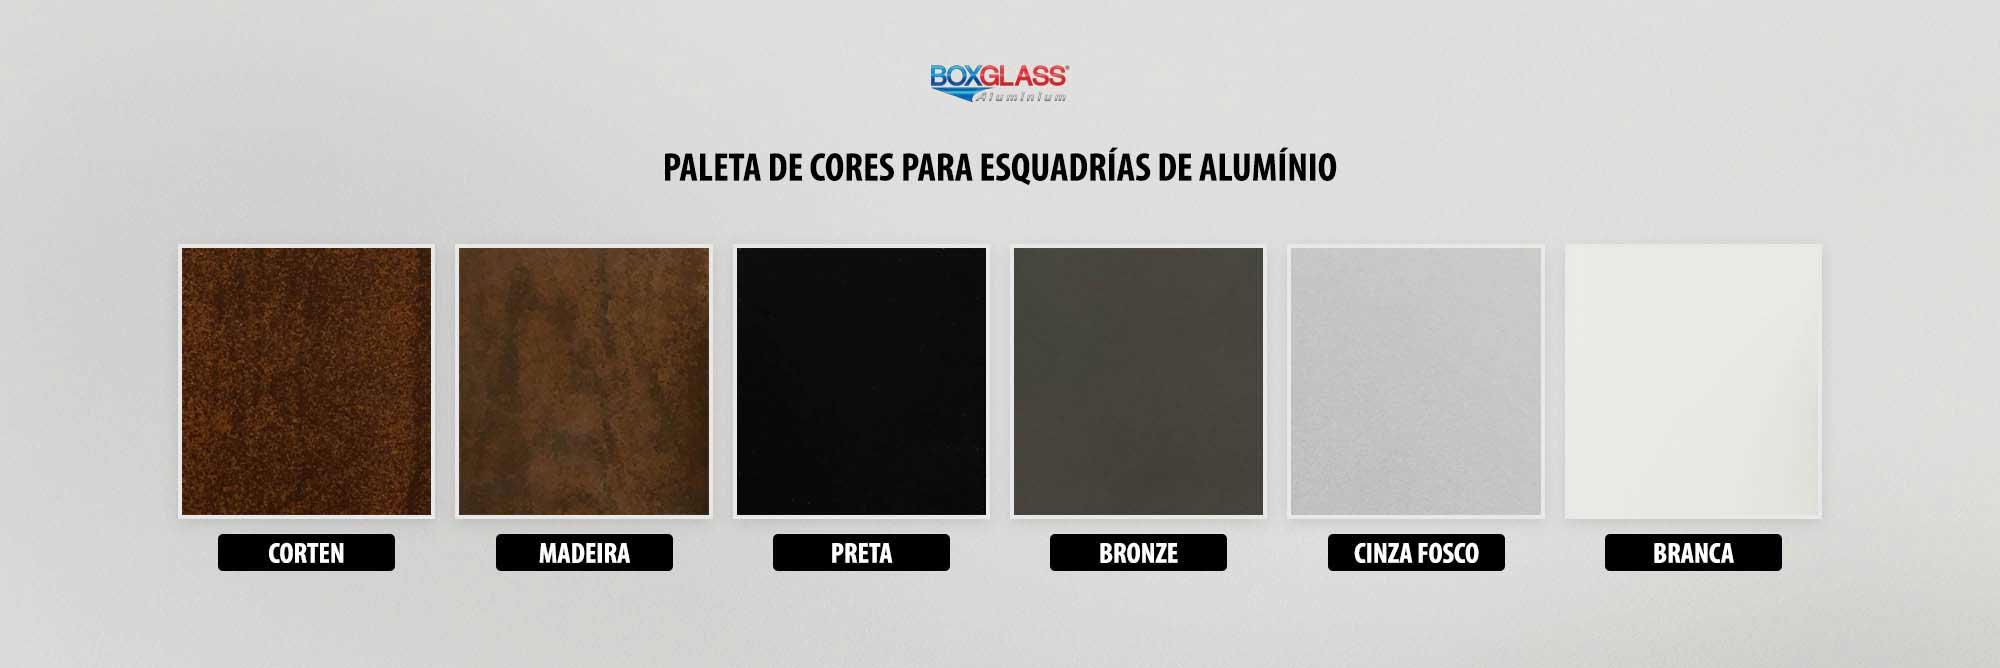 cores para esquadrias de alumínio Boxglass